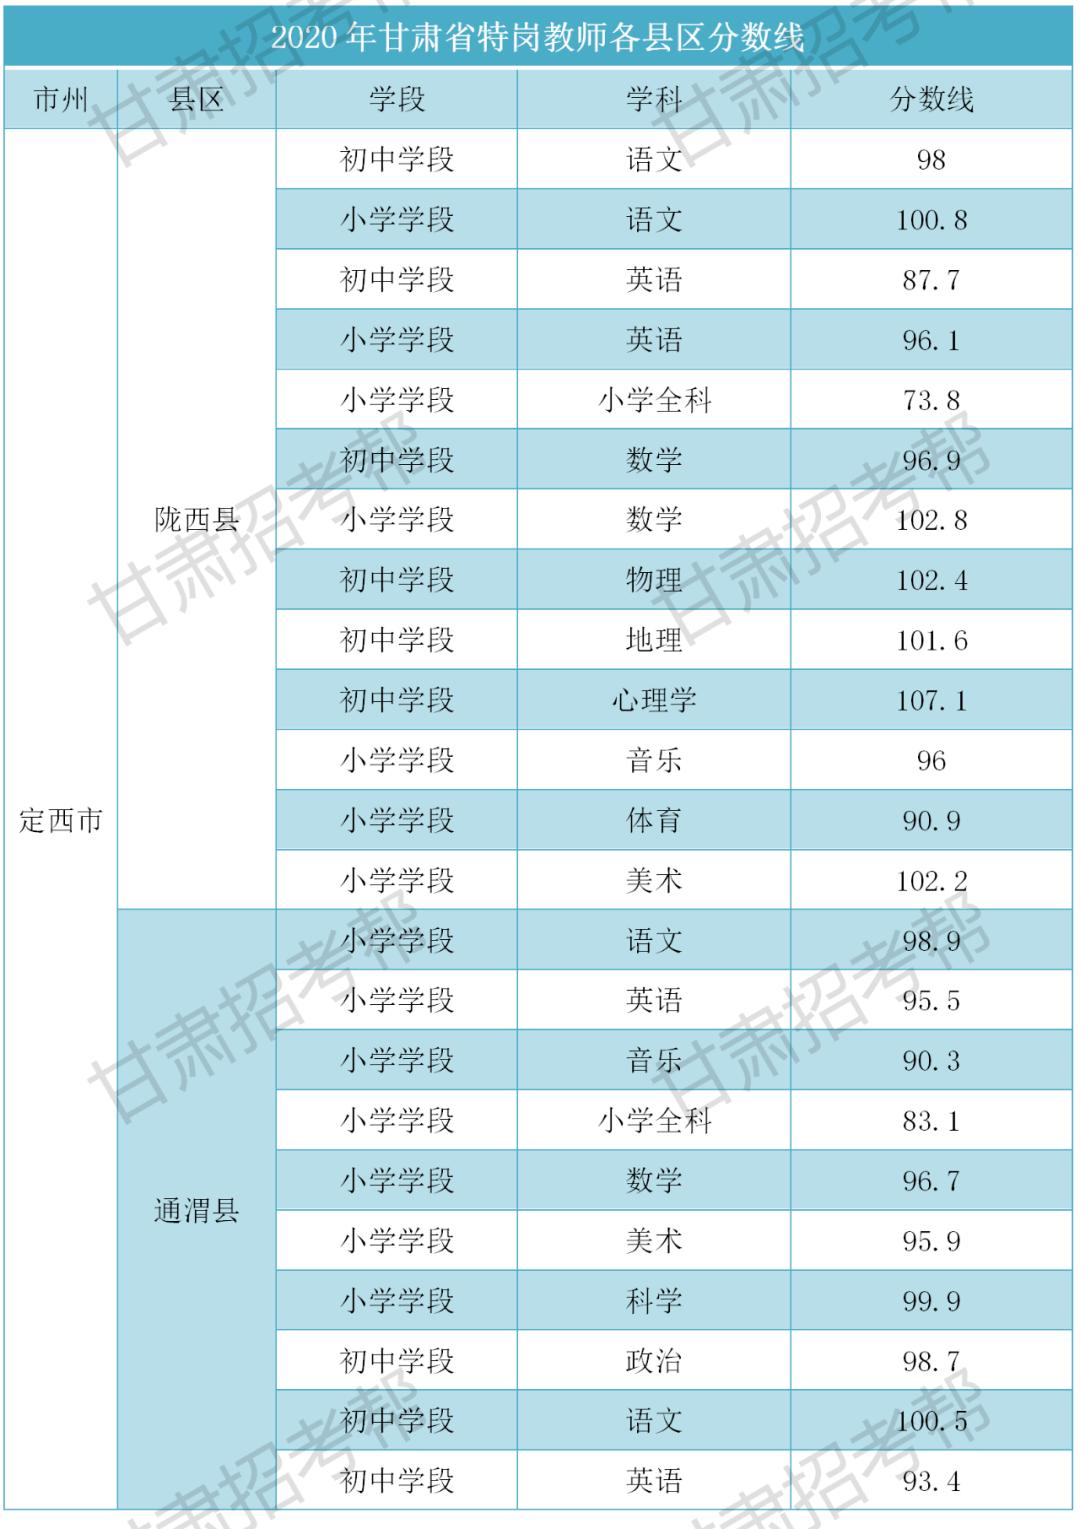 2020年天水特岗排名_2020年的天水南站的图